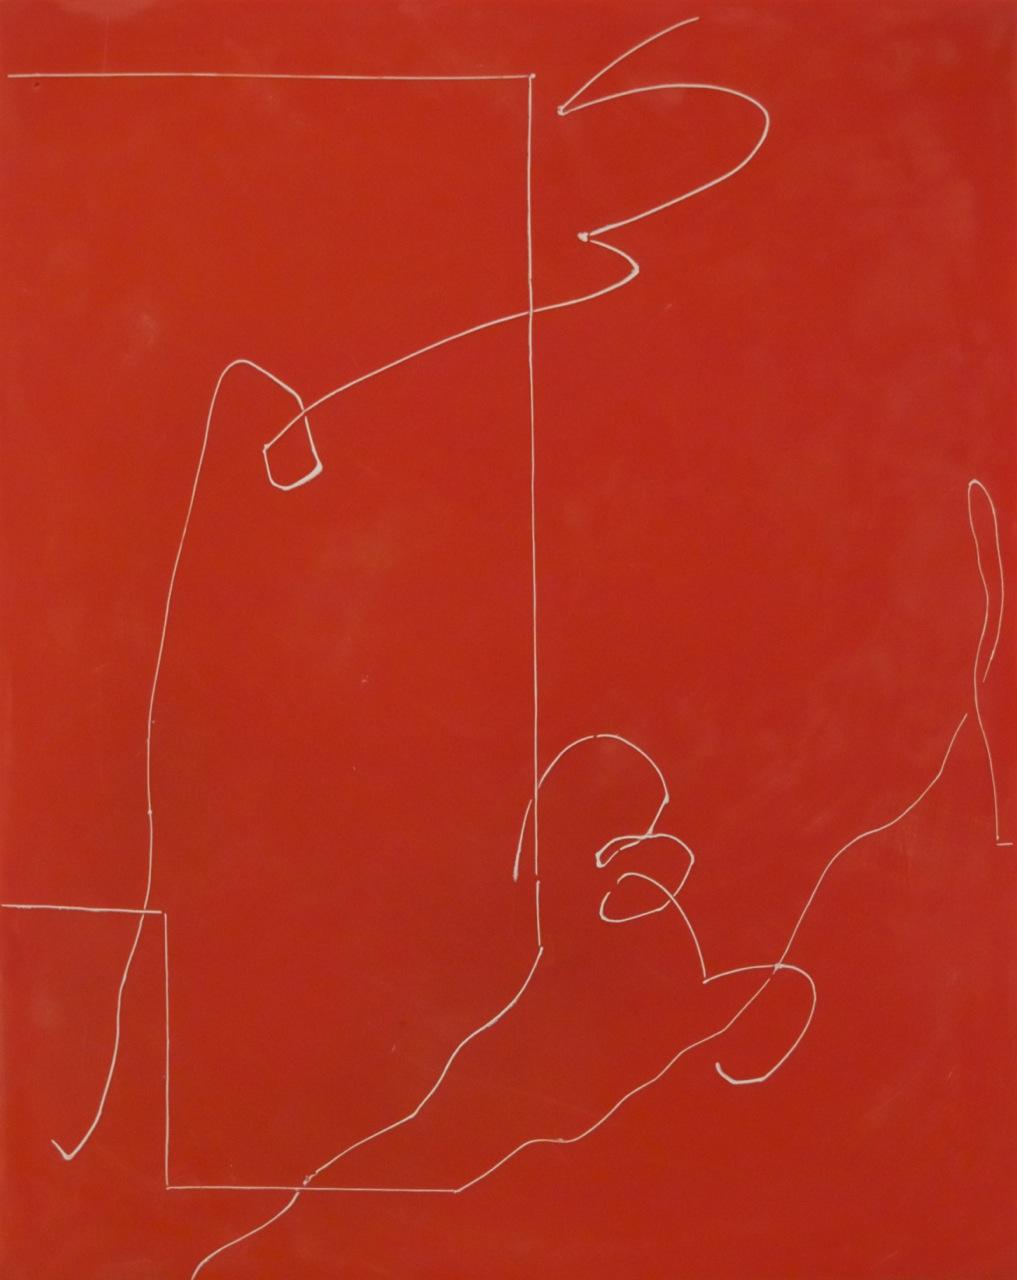 Peter Flaccus, Pompeii Scribble, 2011, encausto su tavola, cm 43x34